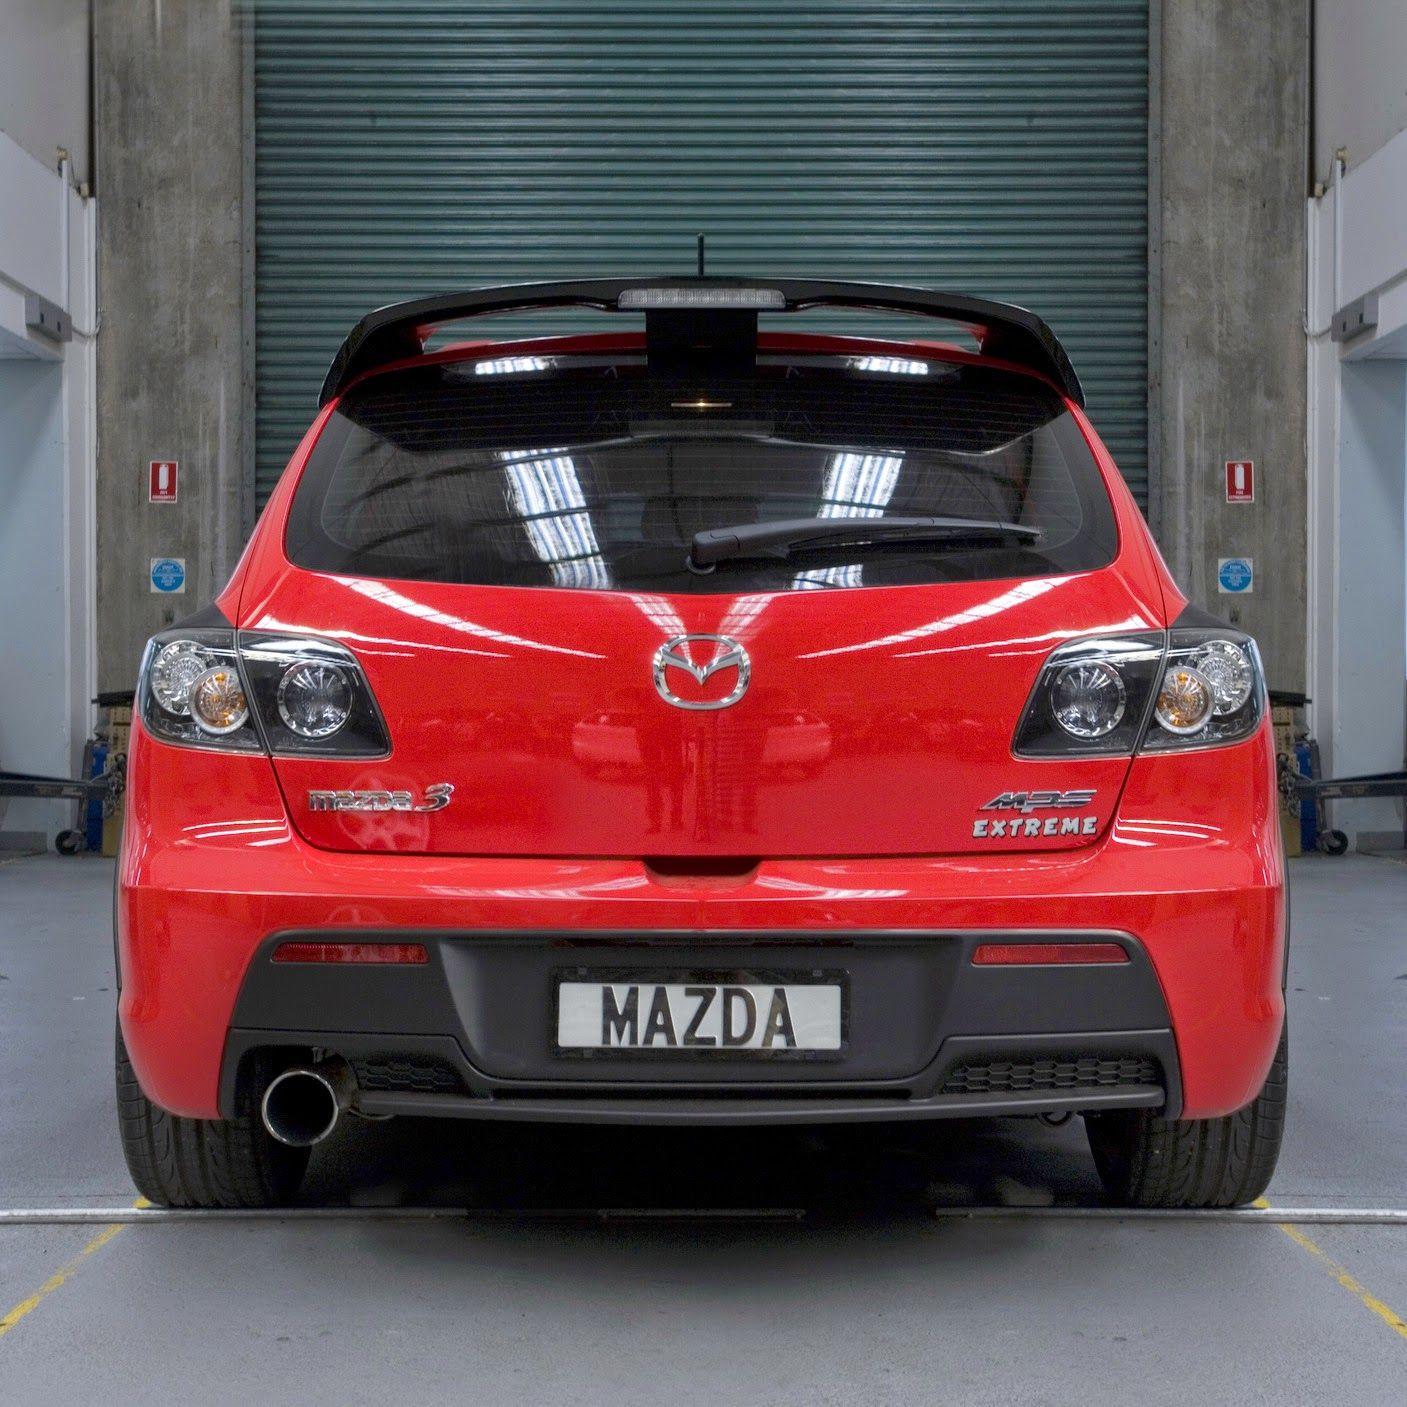 Mazda Auto: Mazda, Mazda 3 Mps, Mazda 3